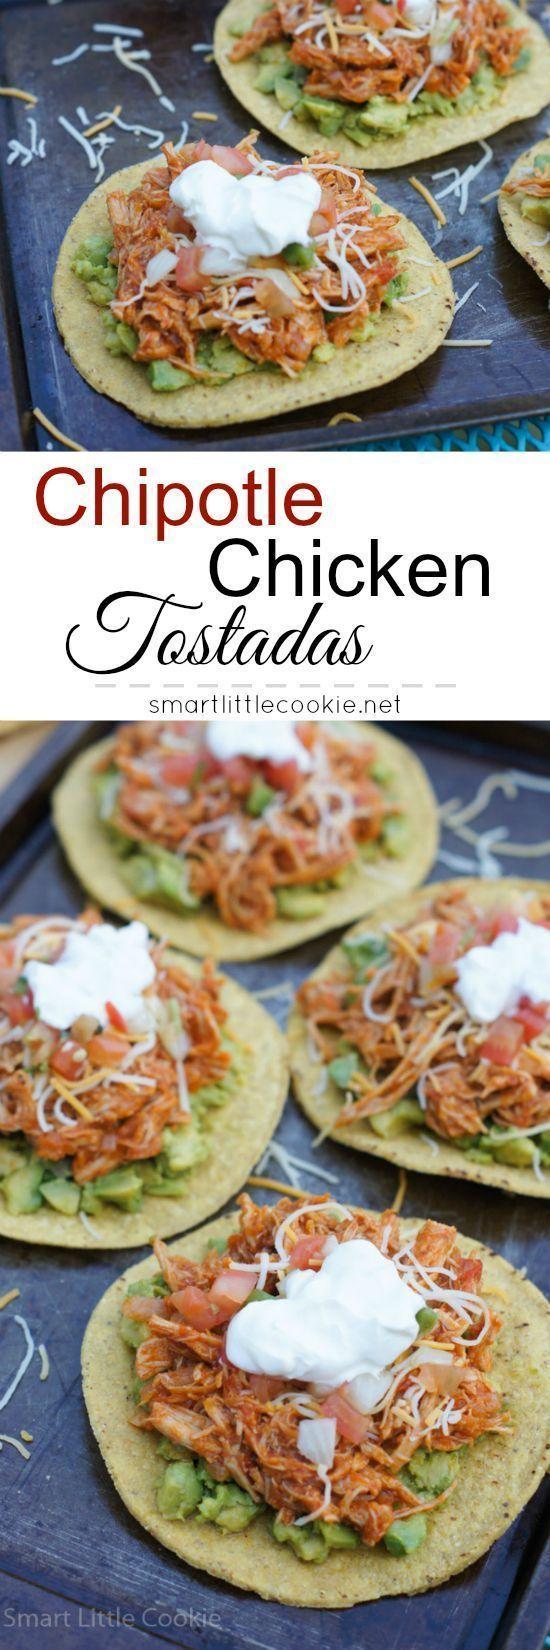 Chipotle Chicken Tostadas | smartlittlecookie.net #VivaLaMorena #Ad